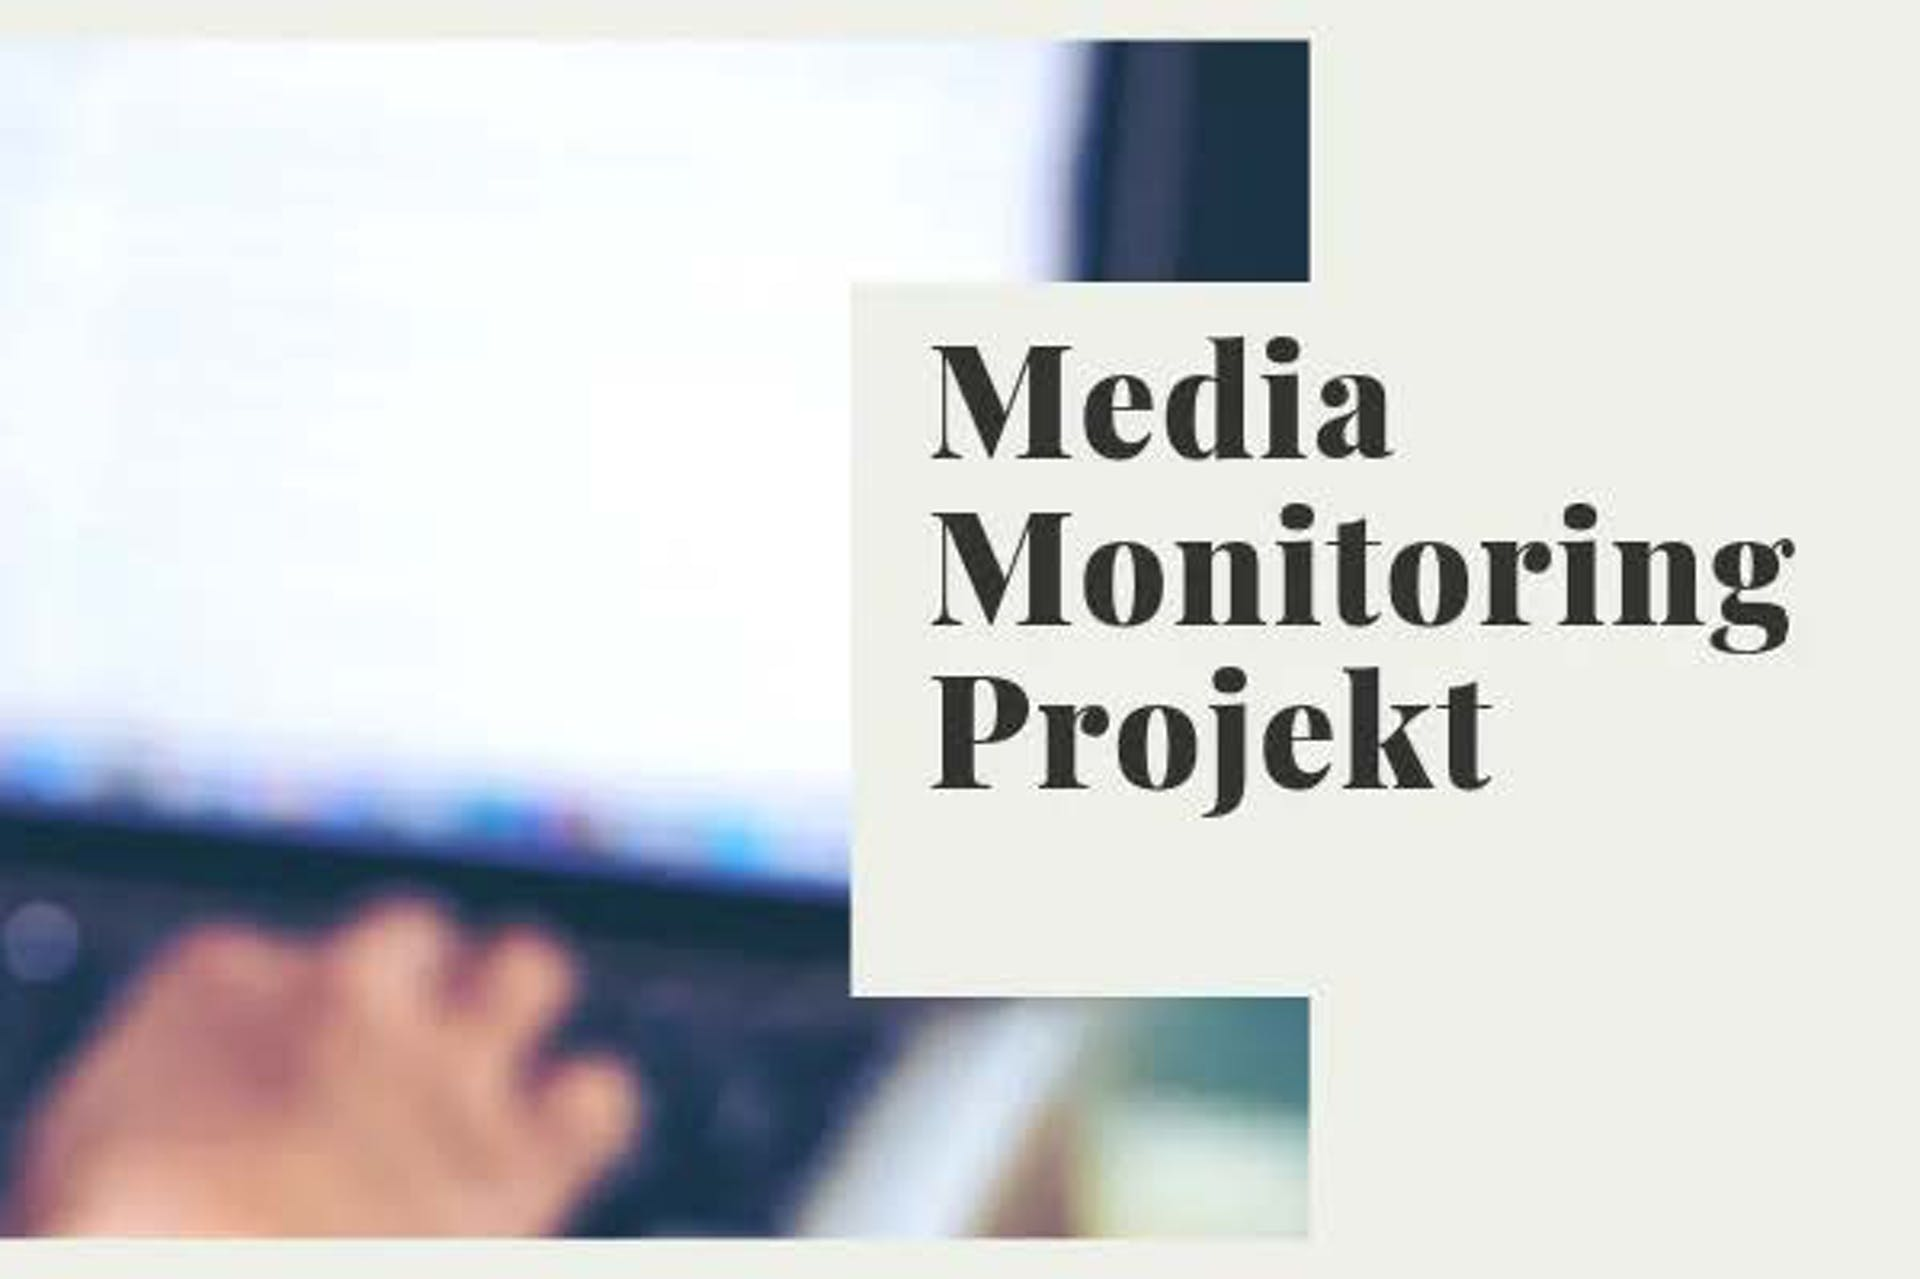 """Man sieht verschwommen im Hintergrund jemanden, der an seinem Laptop arbeitet und dabei sein Smartphone in der Hand hält. Rechts steht """"Media Monitoring Projekt"""" geschrieben."""